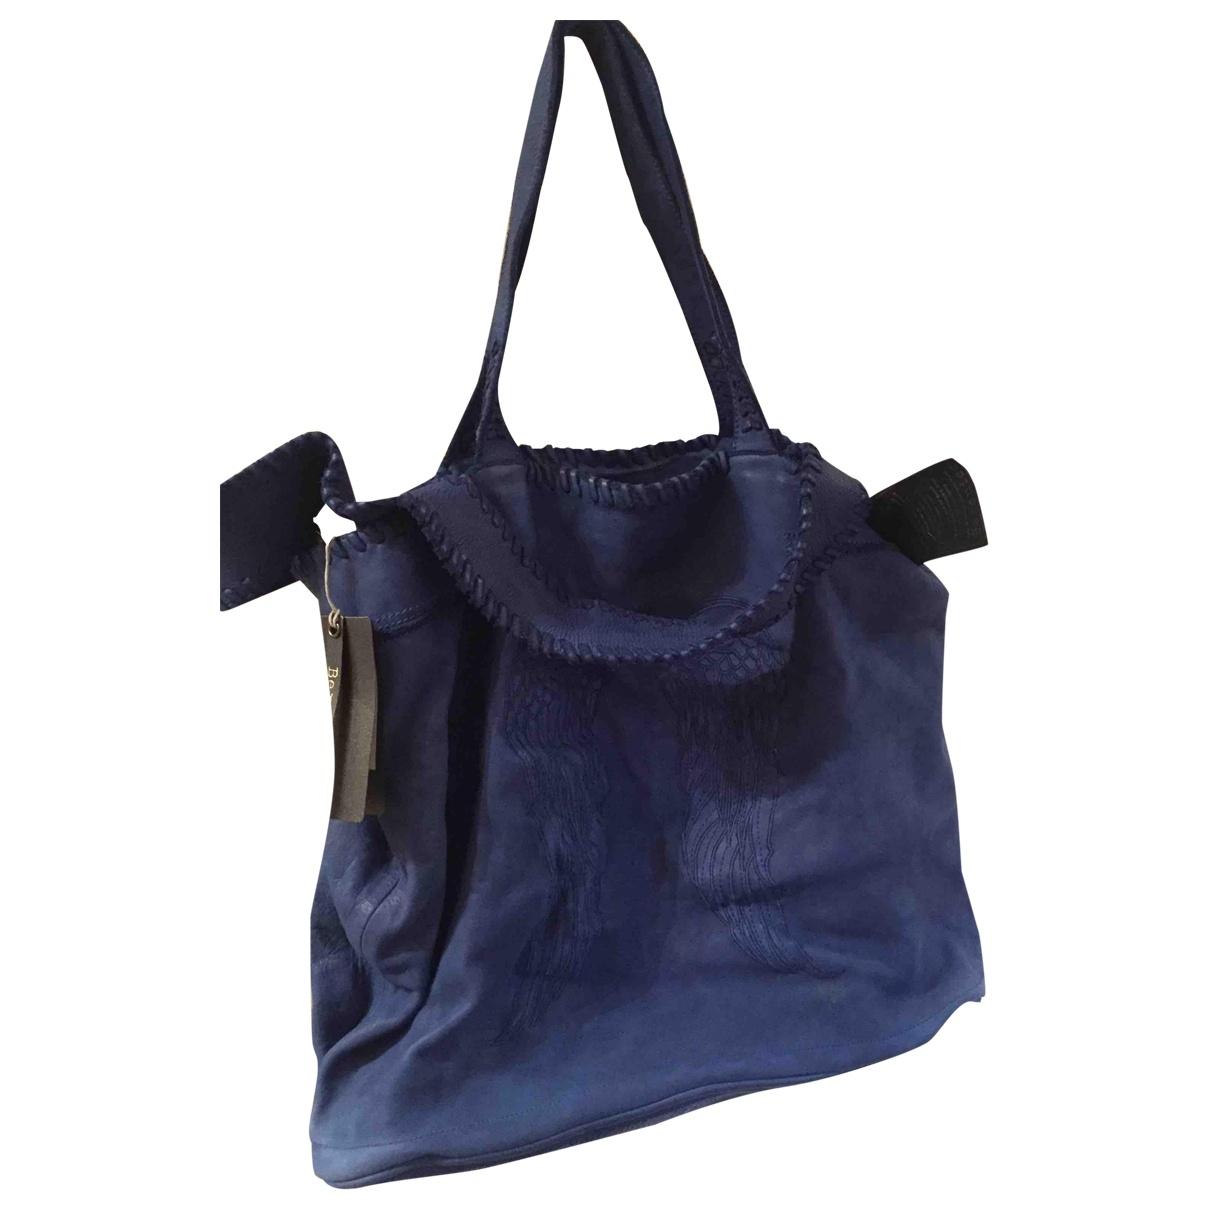 Berenice \N Blue Leather handbag for Women \N